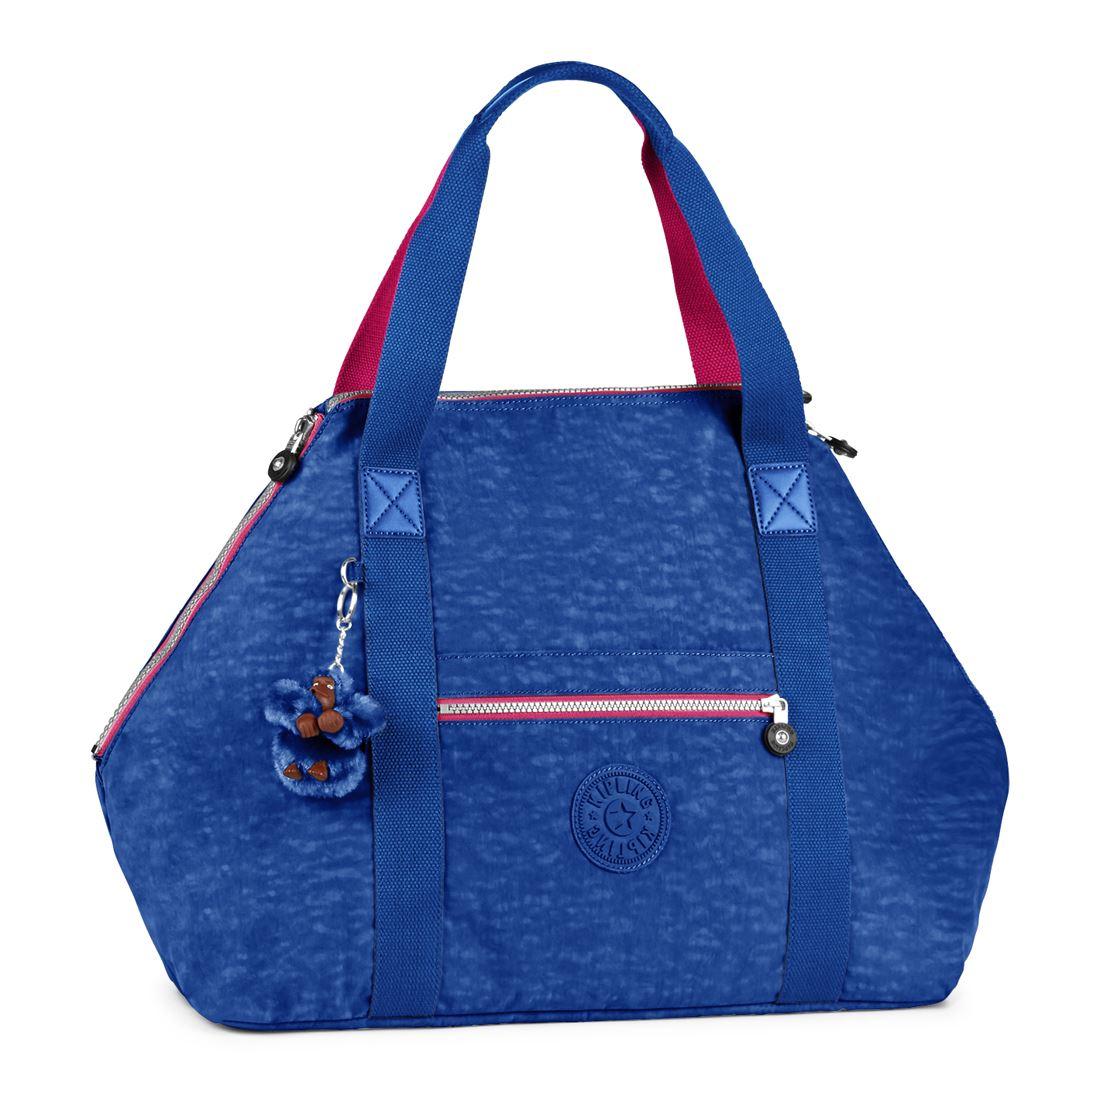 Kipling Art Travel Tote Bag